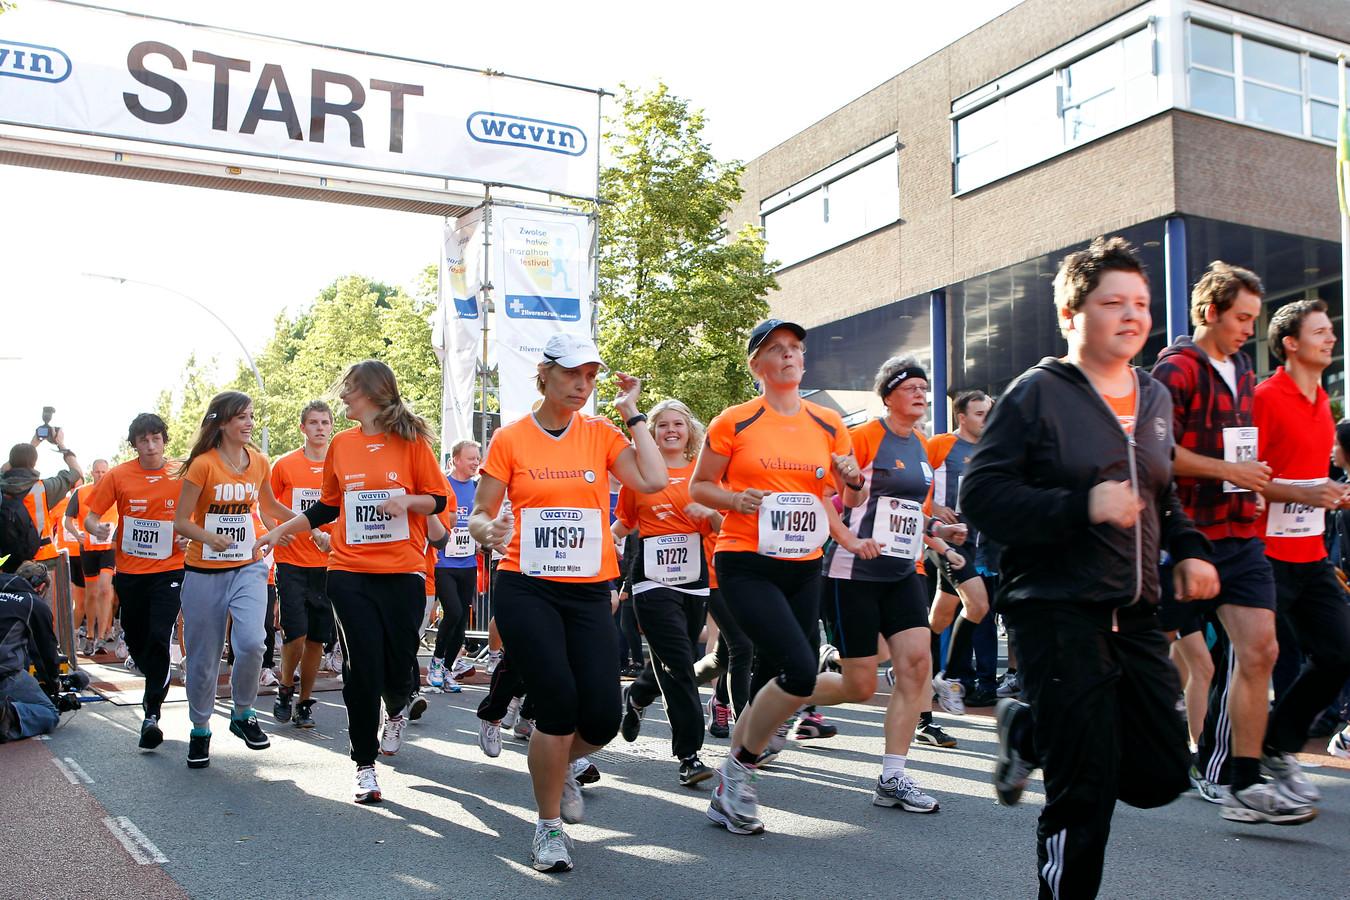 De halve marathon van Zwolle en de 4 Engelse mijlen trekken al jaren zo'n 8.500 lopers naar Zwolle.